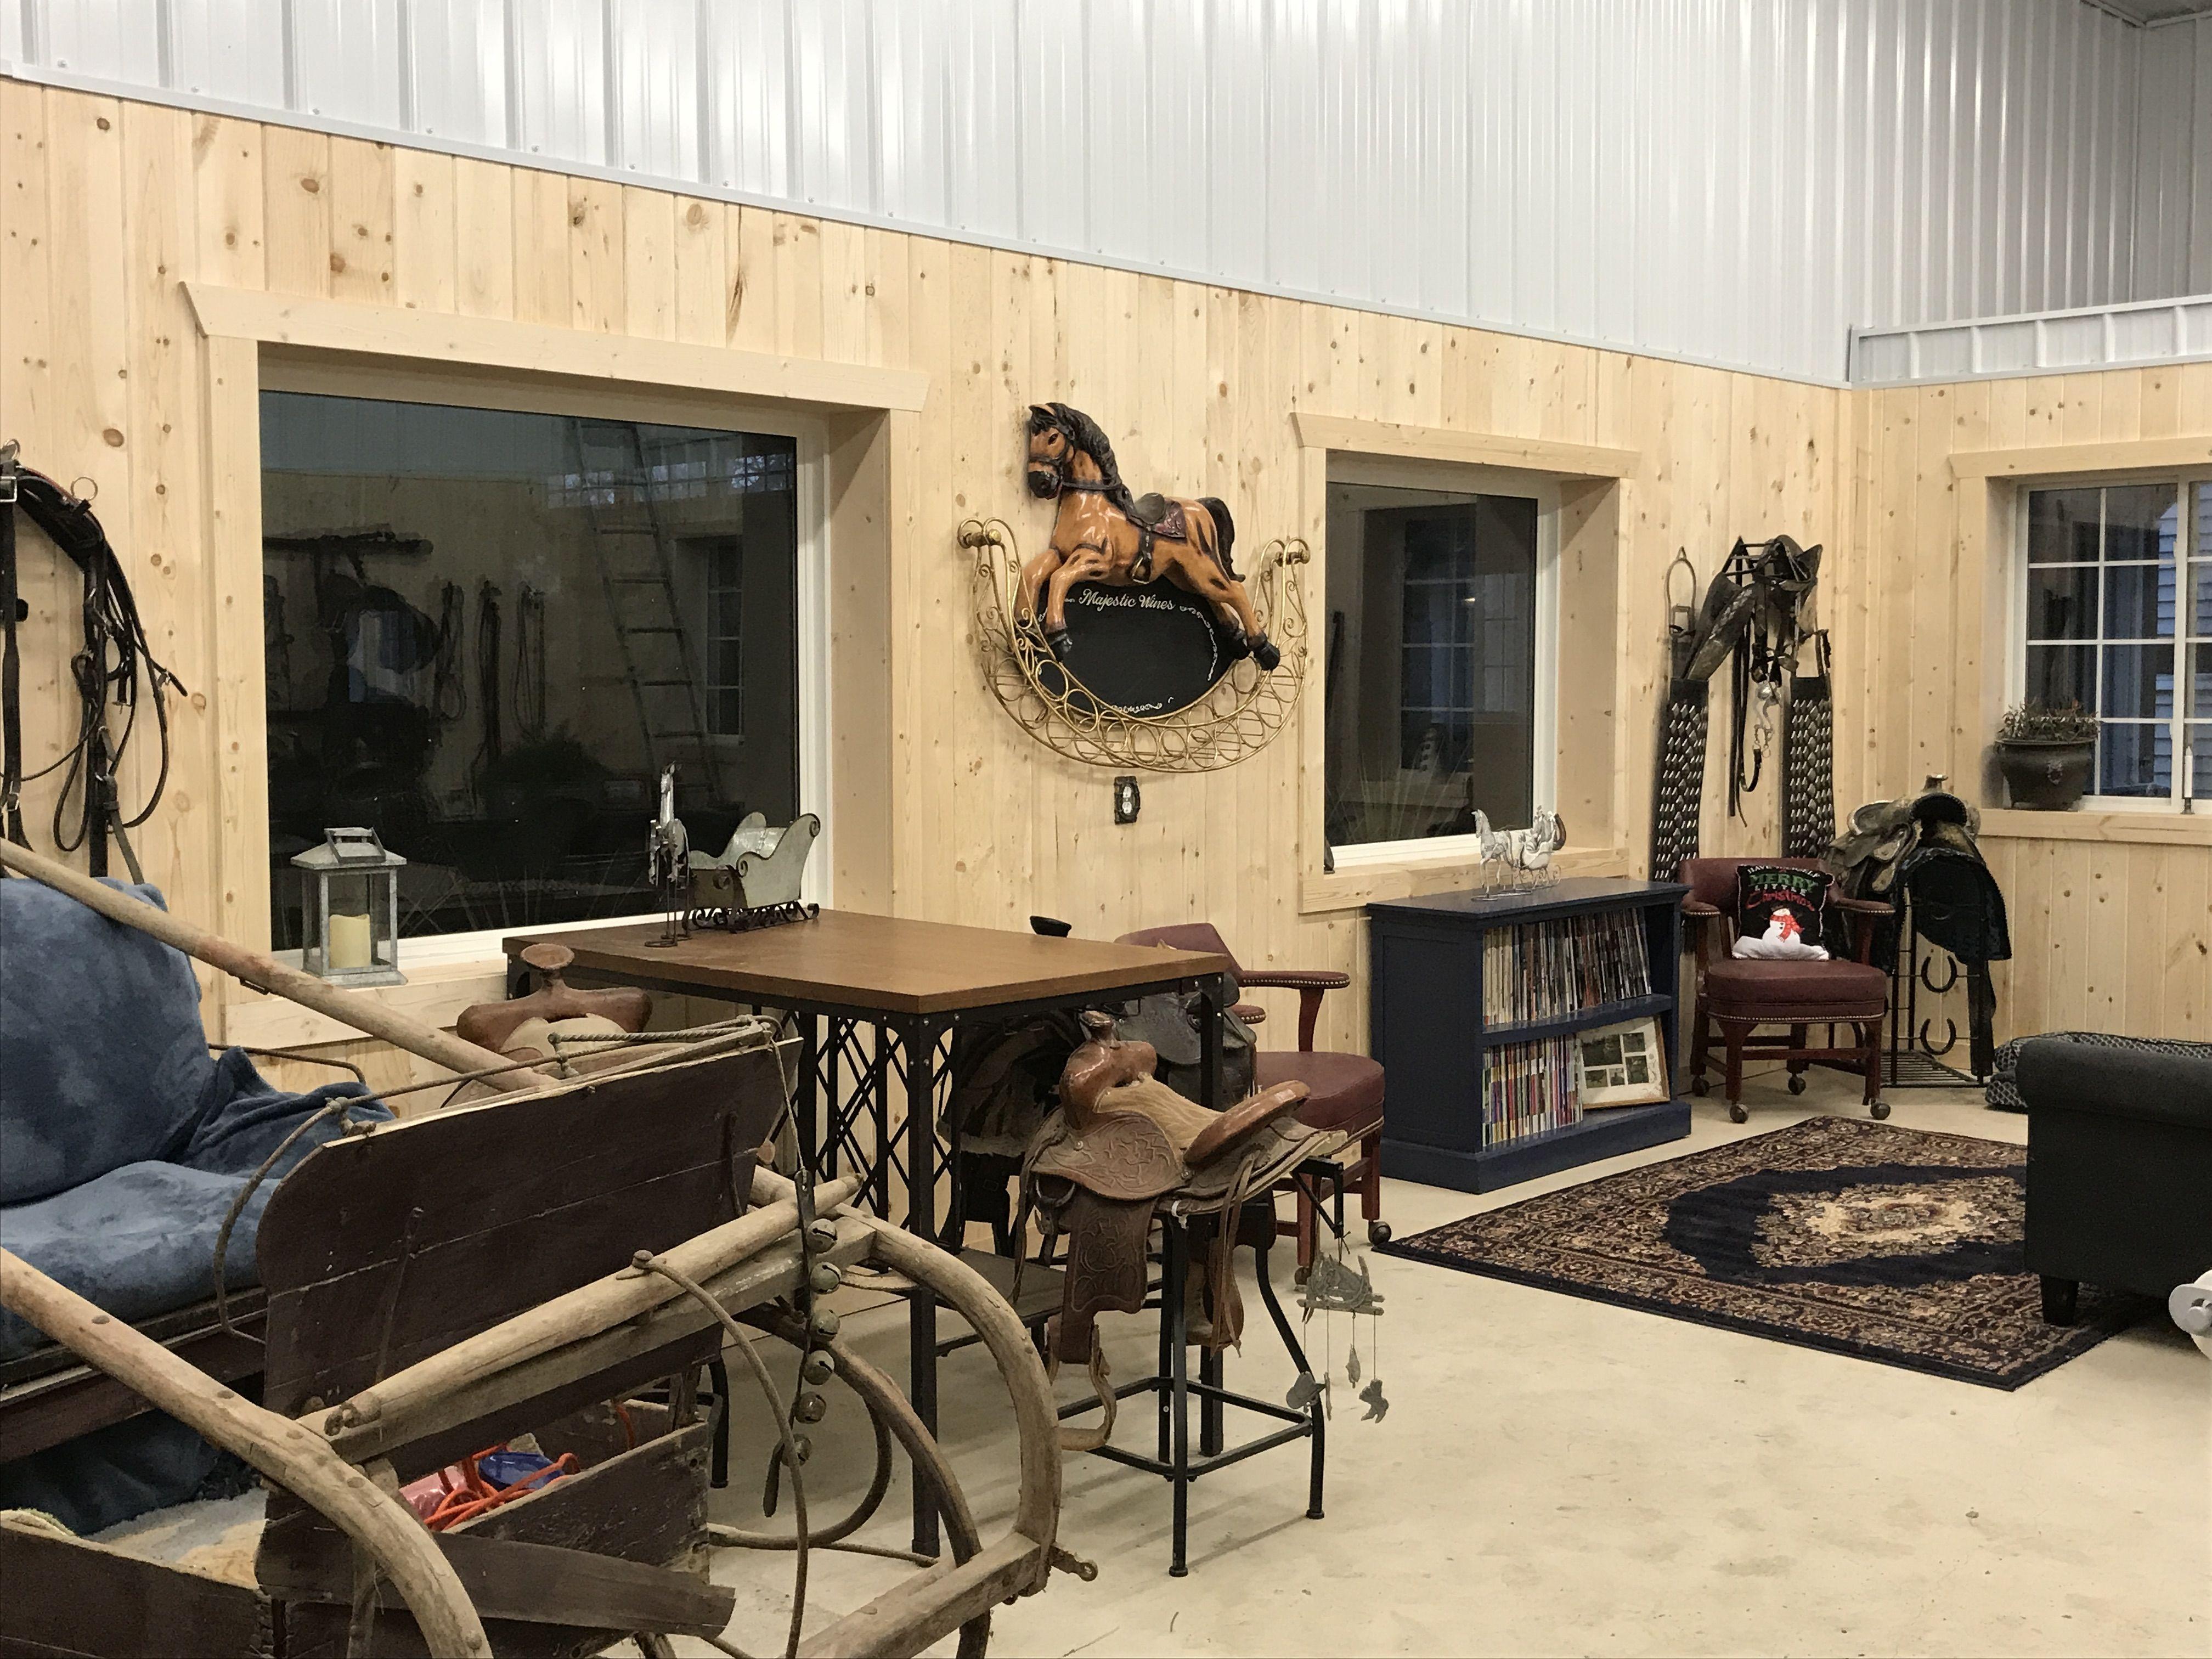 Pin By Ann Darrah On Ideas For Barn Home Decor Decor Patio